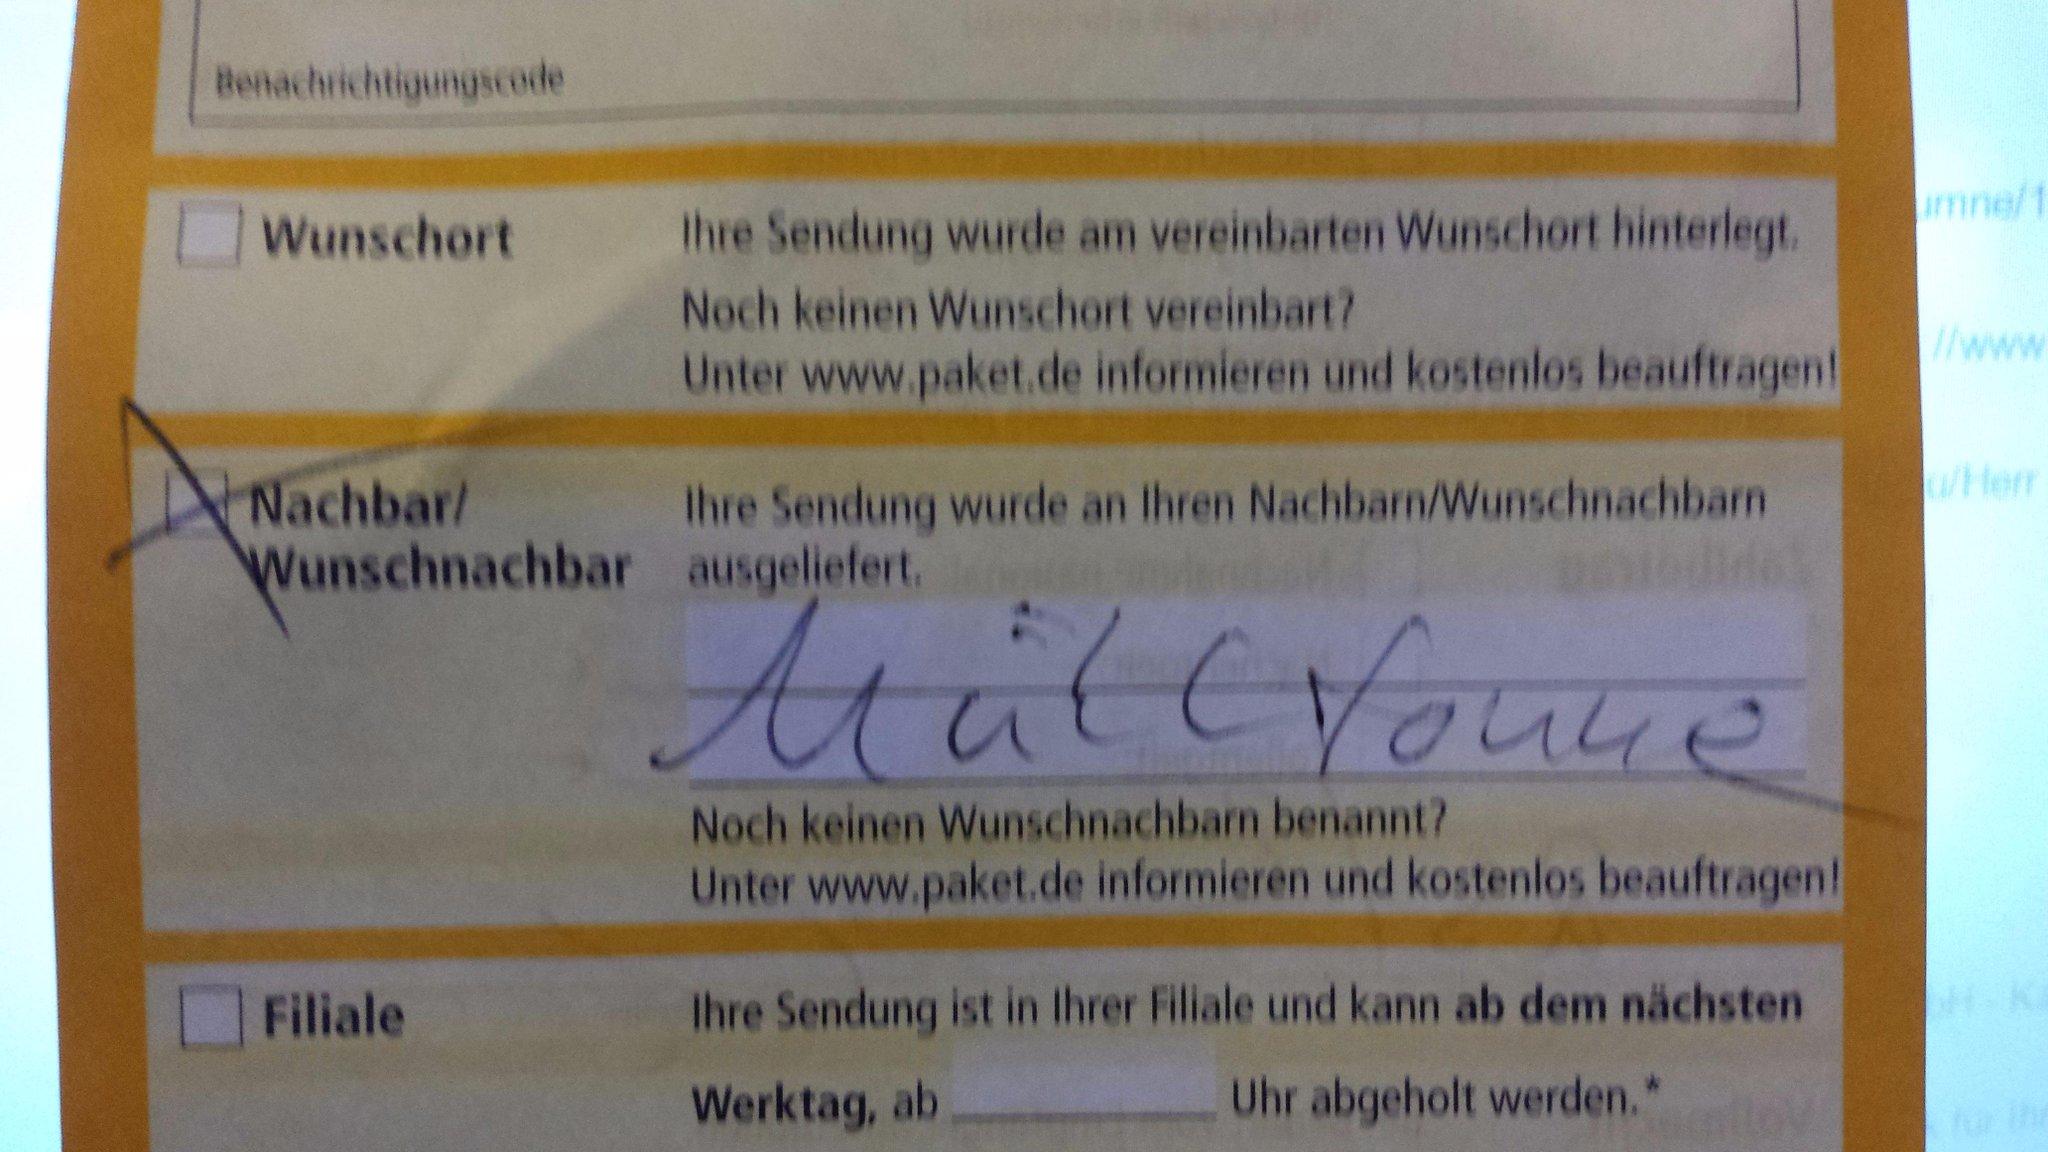 @_ungenau_ @dpd_de Bei uns lag es im Mülleimerverschlag und ein Zettel im Briefkasten: http://t.co/VBRRiRD64Q